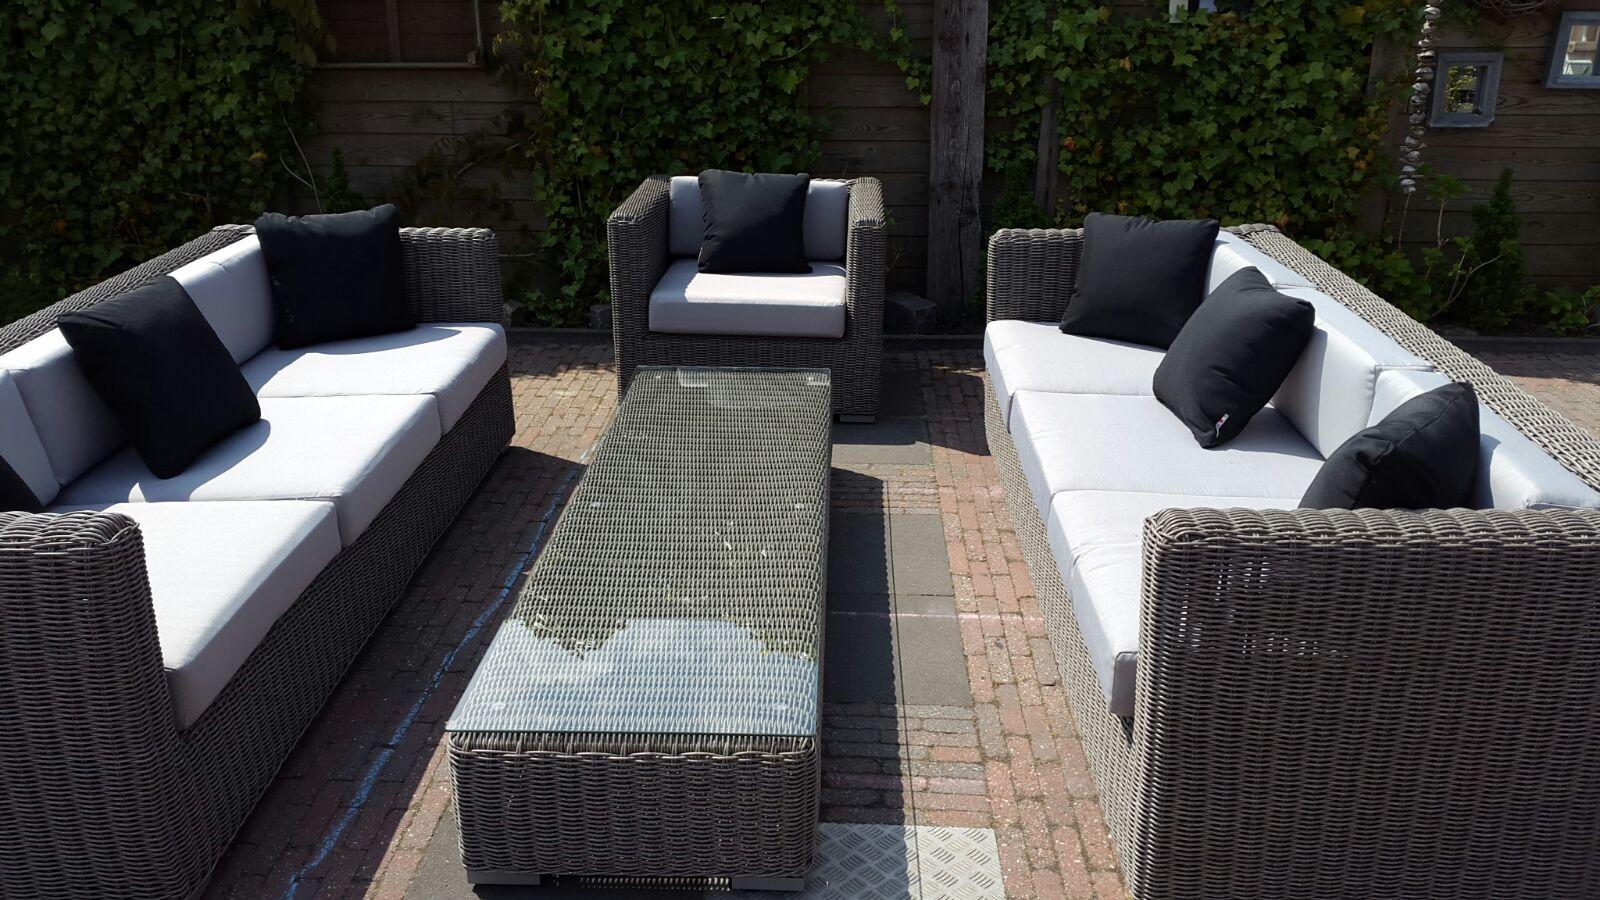 Arbrini design tuinmeubelen - Lounge design grijs ...